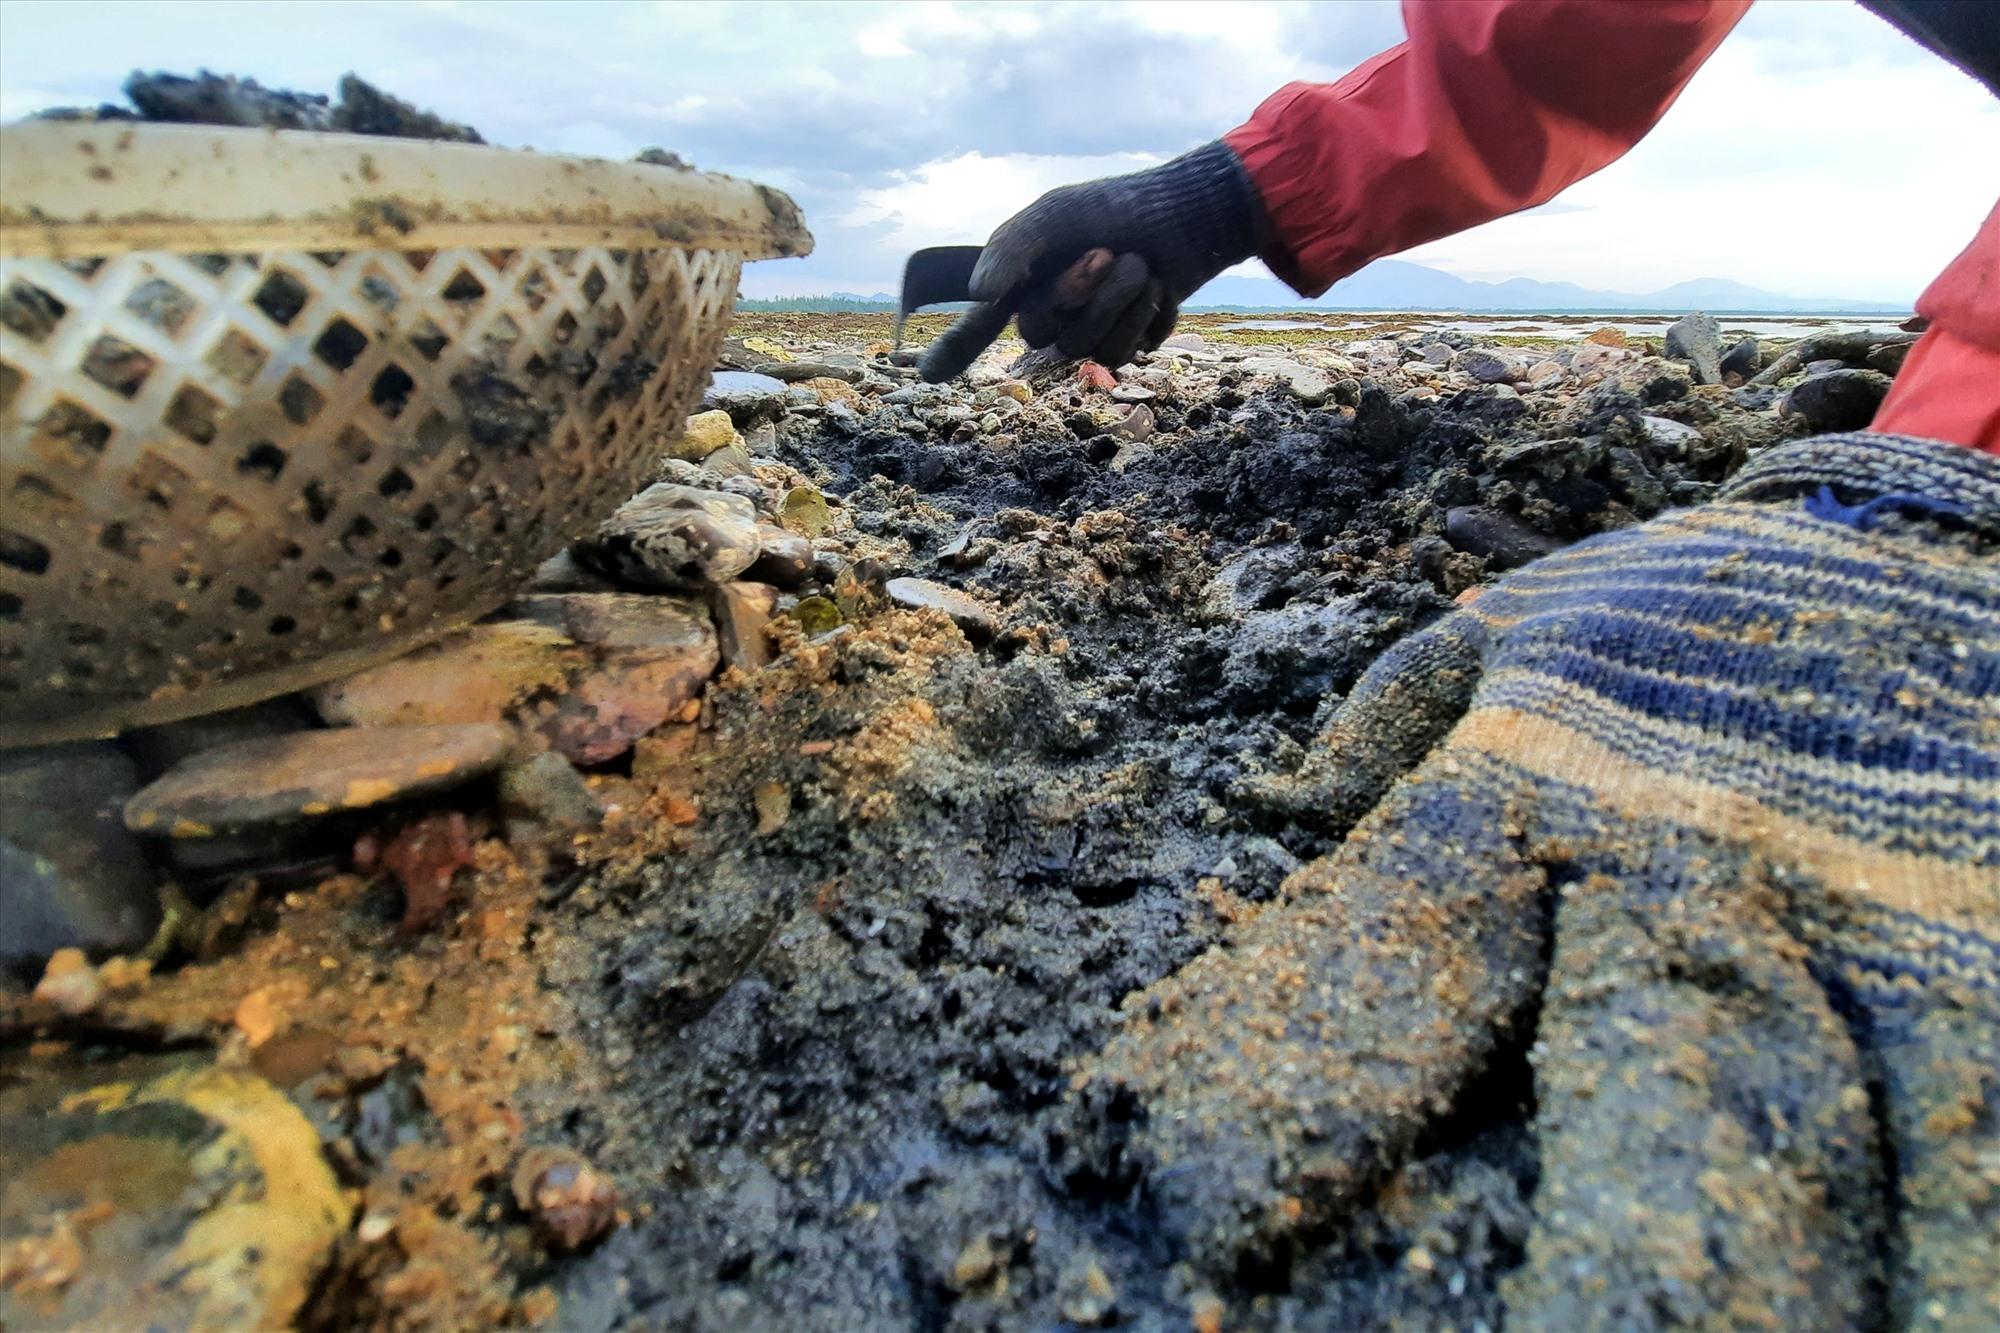 Cào nghêu trên bãi đá sỏi rất dễ làm tổn thương tay nên người làm phải đeo loại bao tay vải dày.